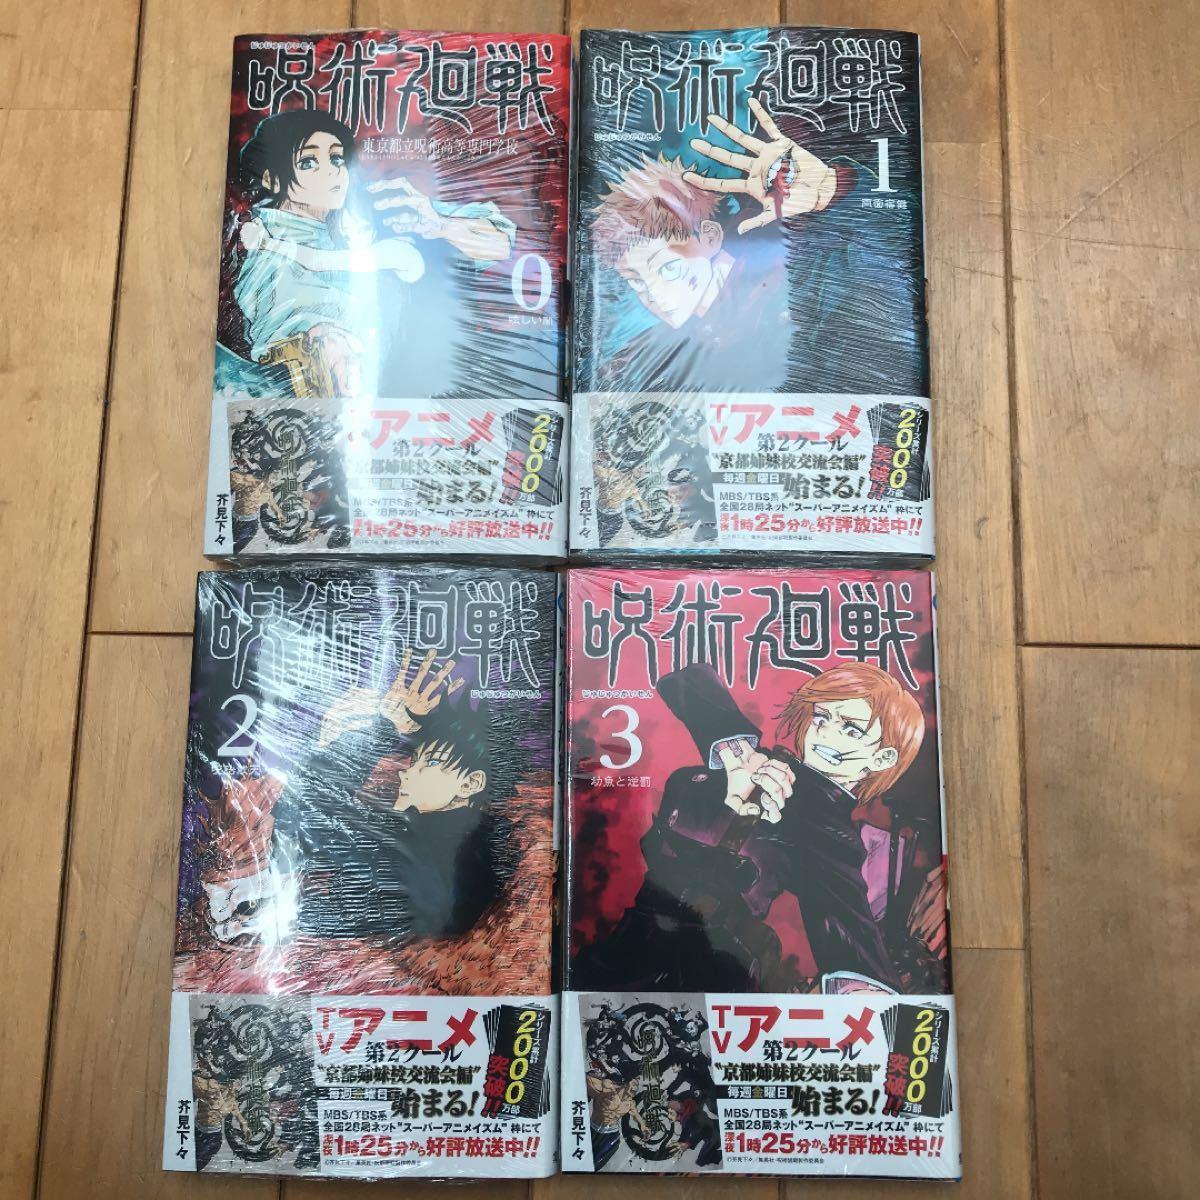 呪術廻戦 0巻〜3巻セット 4冊セット 新品未開封 全巻シュリンク付き